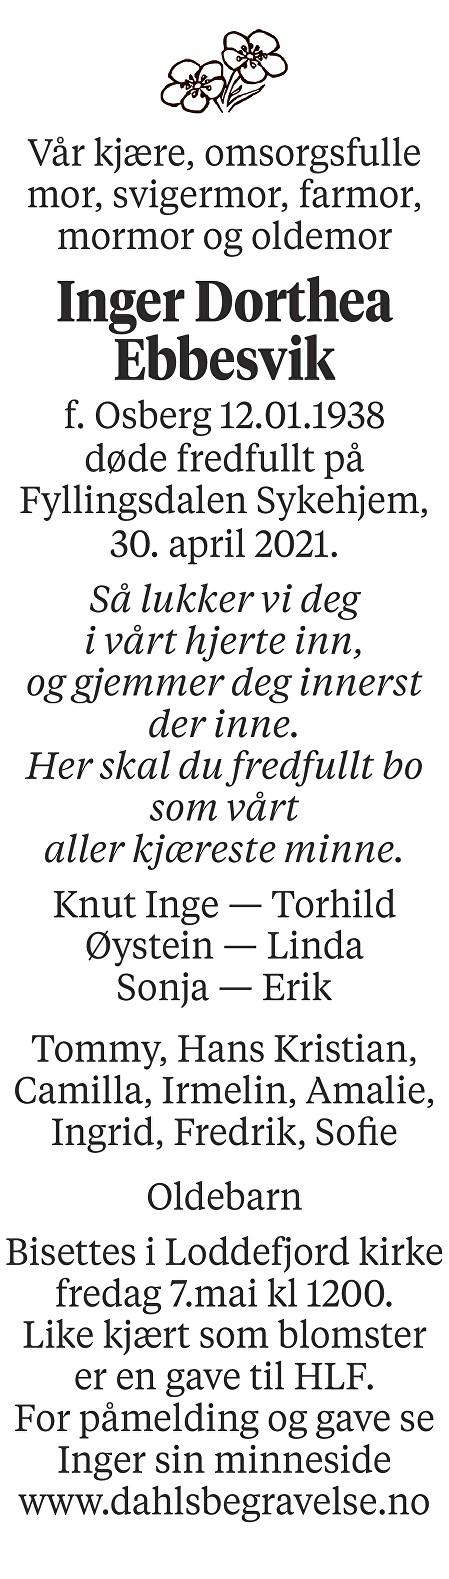 Inger Dorthea Ebbesvik Dødsannonse